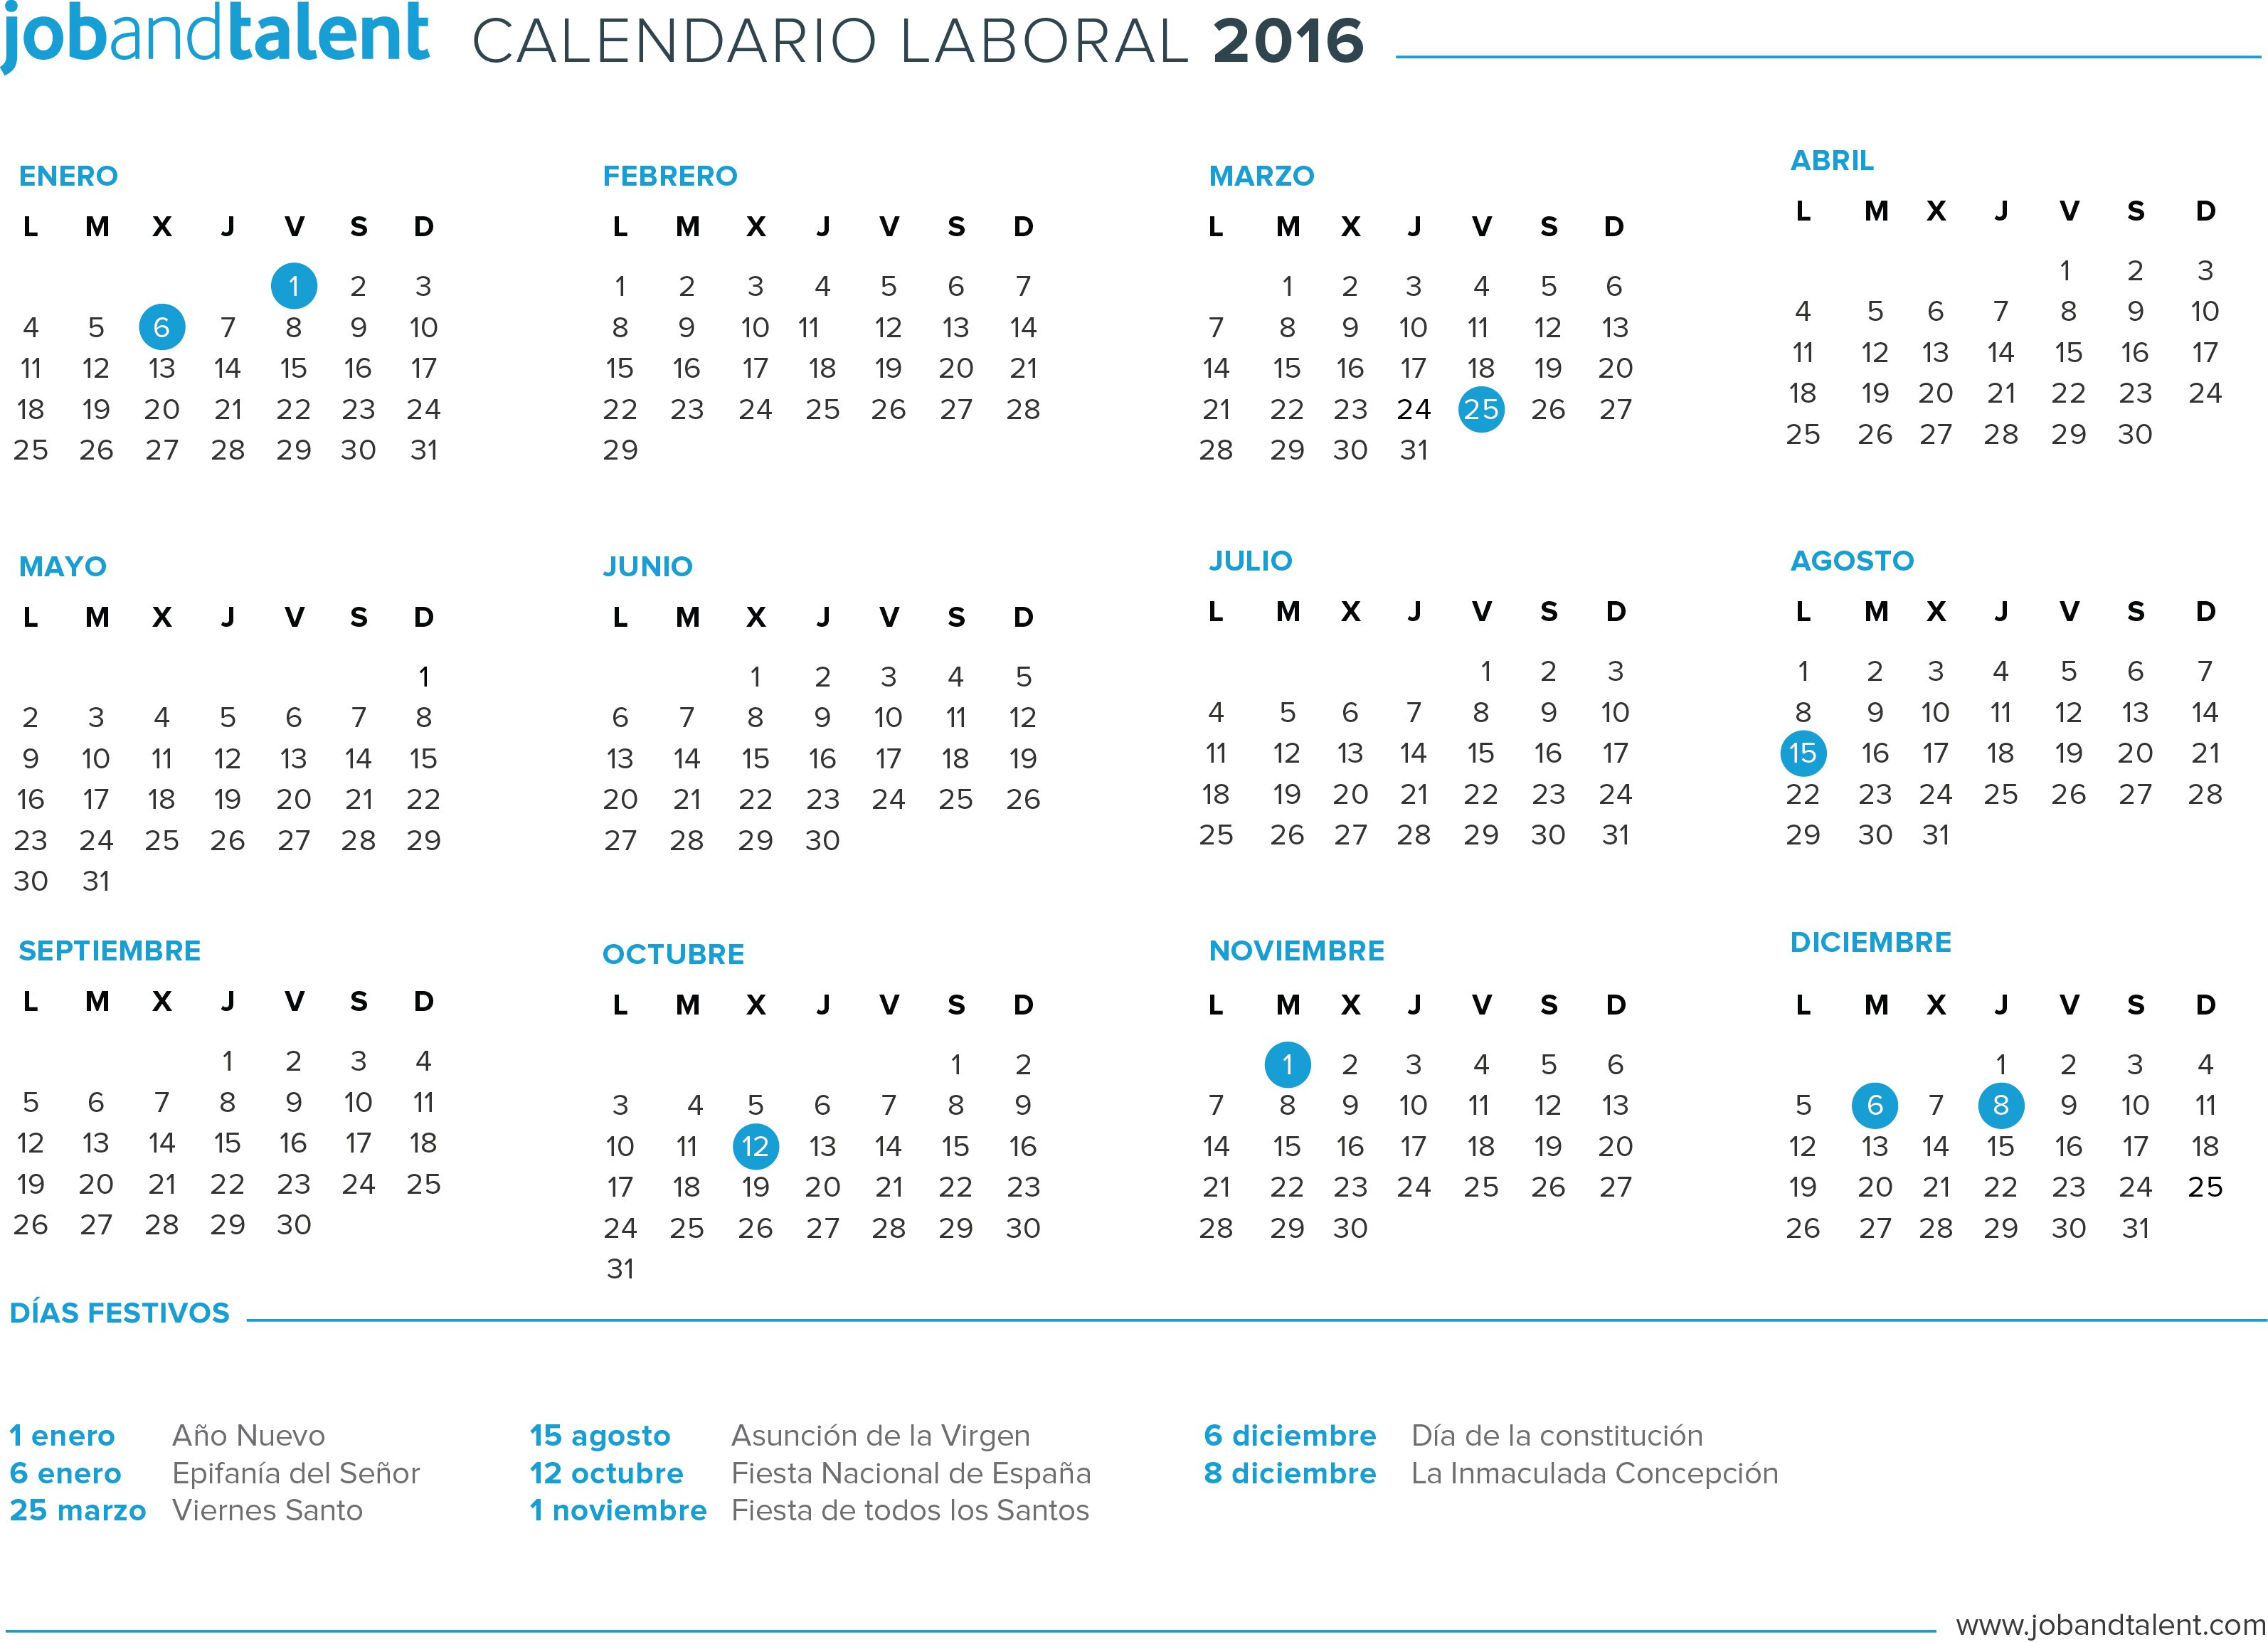 El calendario laboral 2016 for Calendario lunar 2016 colombia